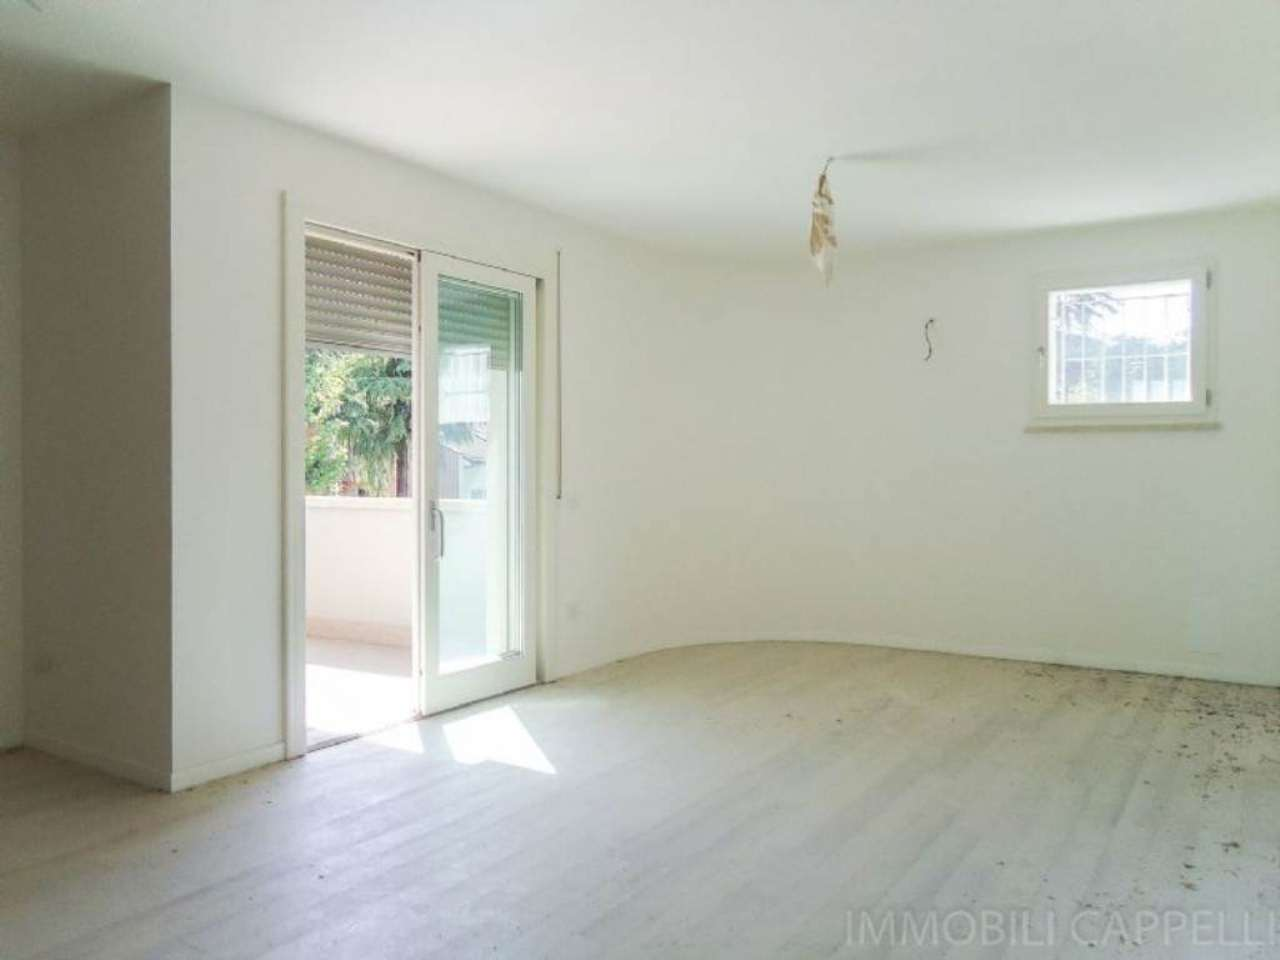 Appartamento in vendita a Cesena, 4 locali, prezzo € 310.000 | CambioCasa.it